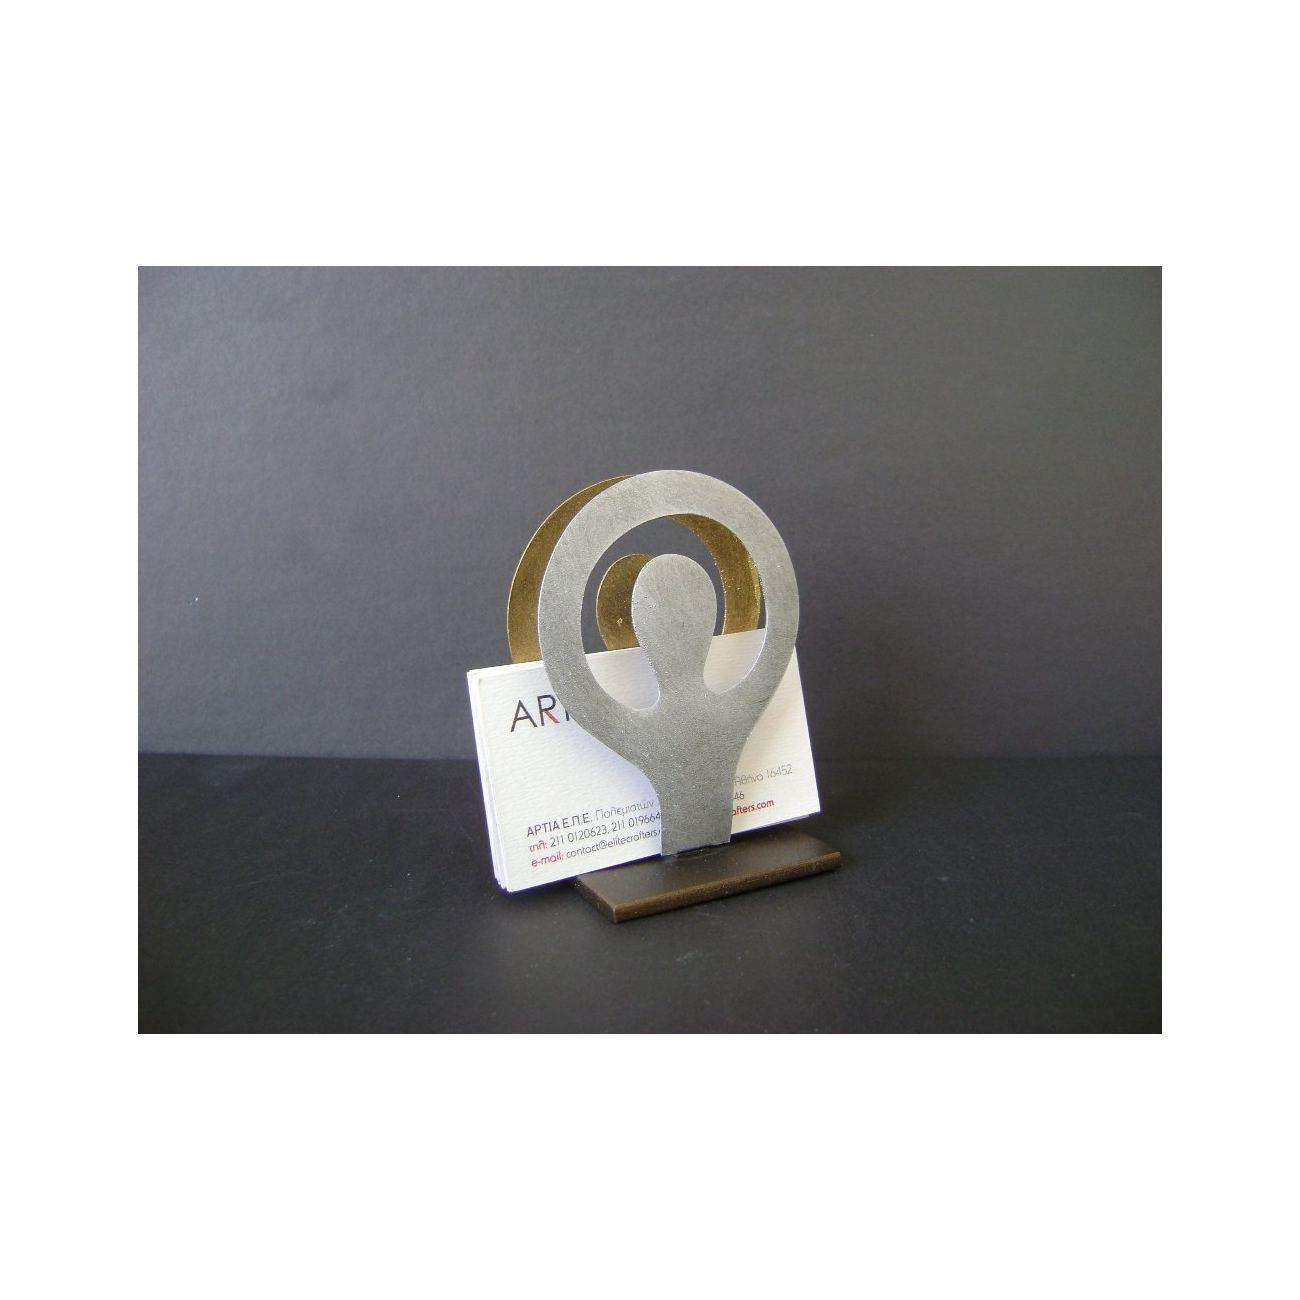 Modern Metal Business Card Holder, Handmade Human Figure Design